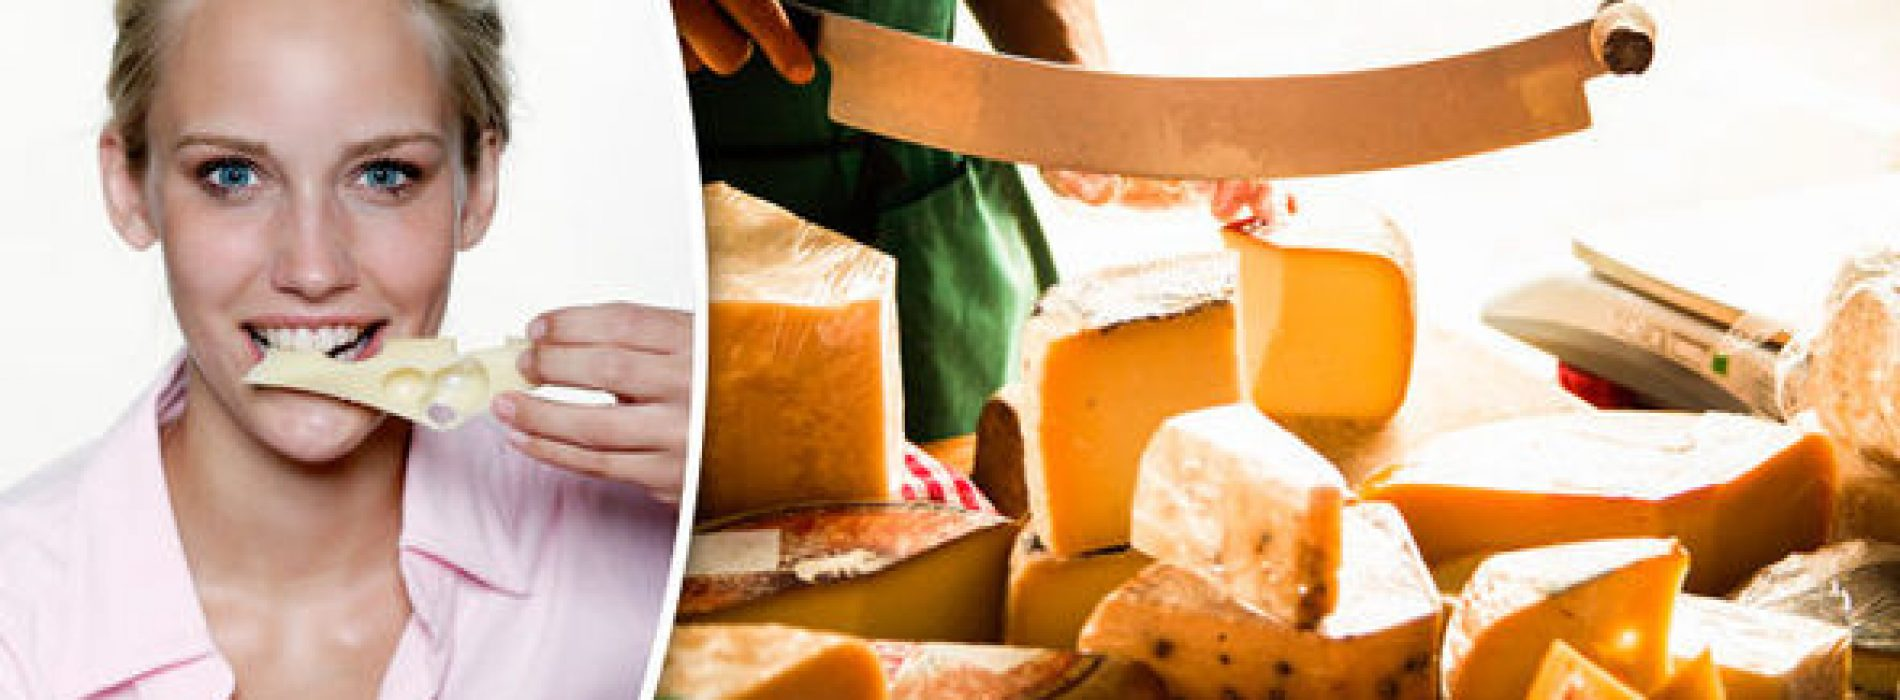 Het eten van kaas verhoogt het cholesterol niet en verhoogt het risico op een hartaanval niet … wetenschappers verbluft om de lang begraven waarheid te leren